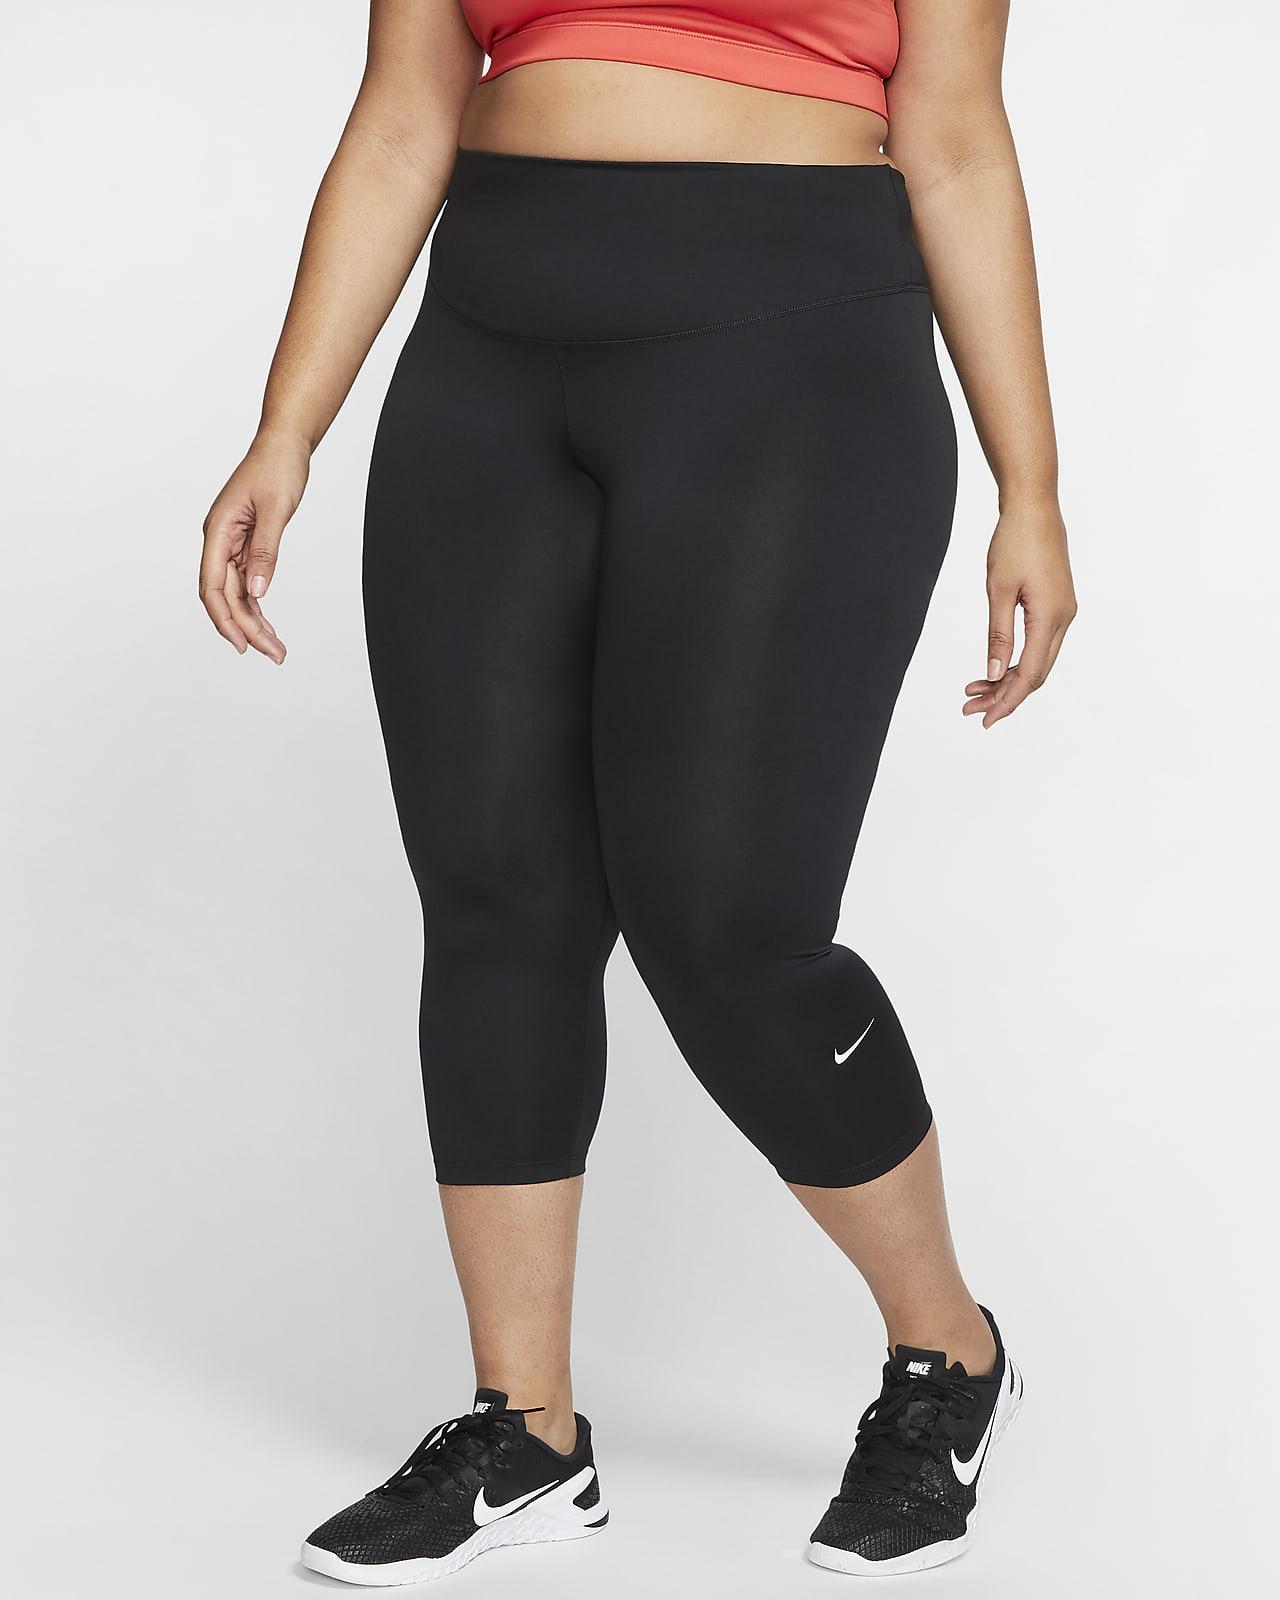 Nike One Normal Belli Bilek Üstü Kadın Taytı (Büyük Beden)